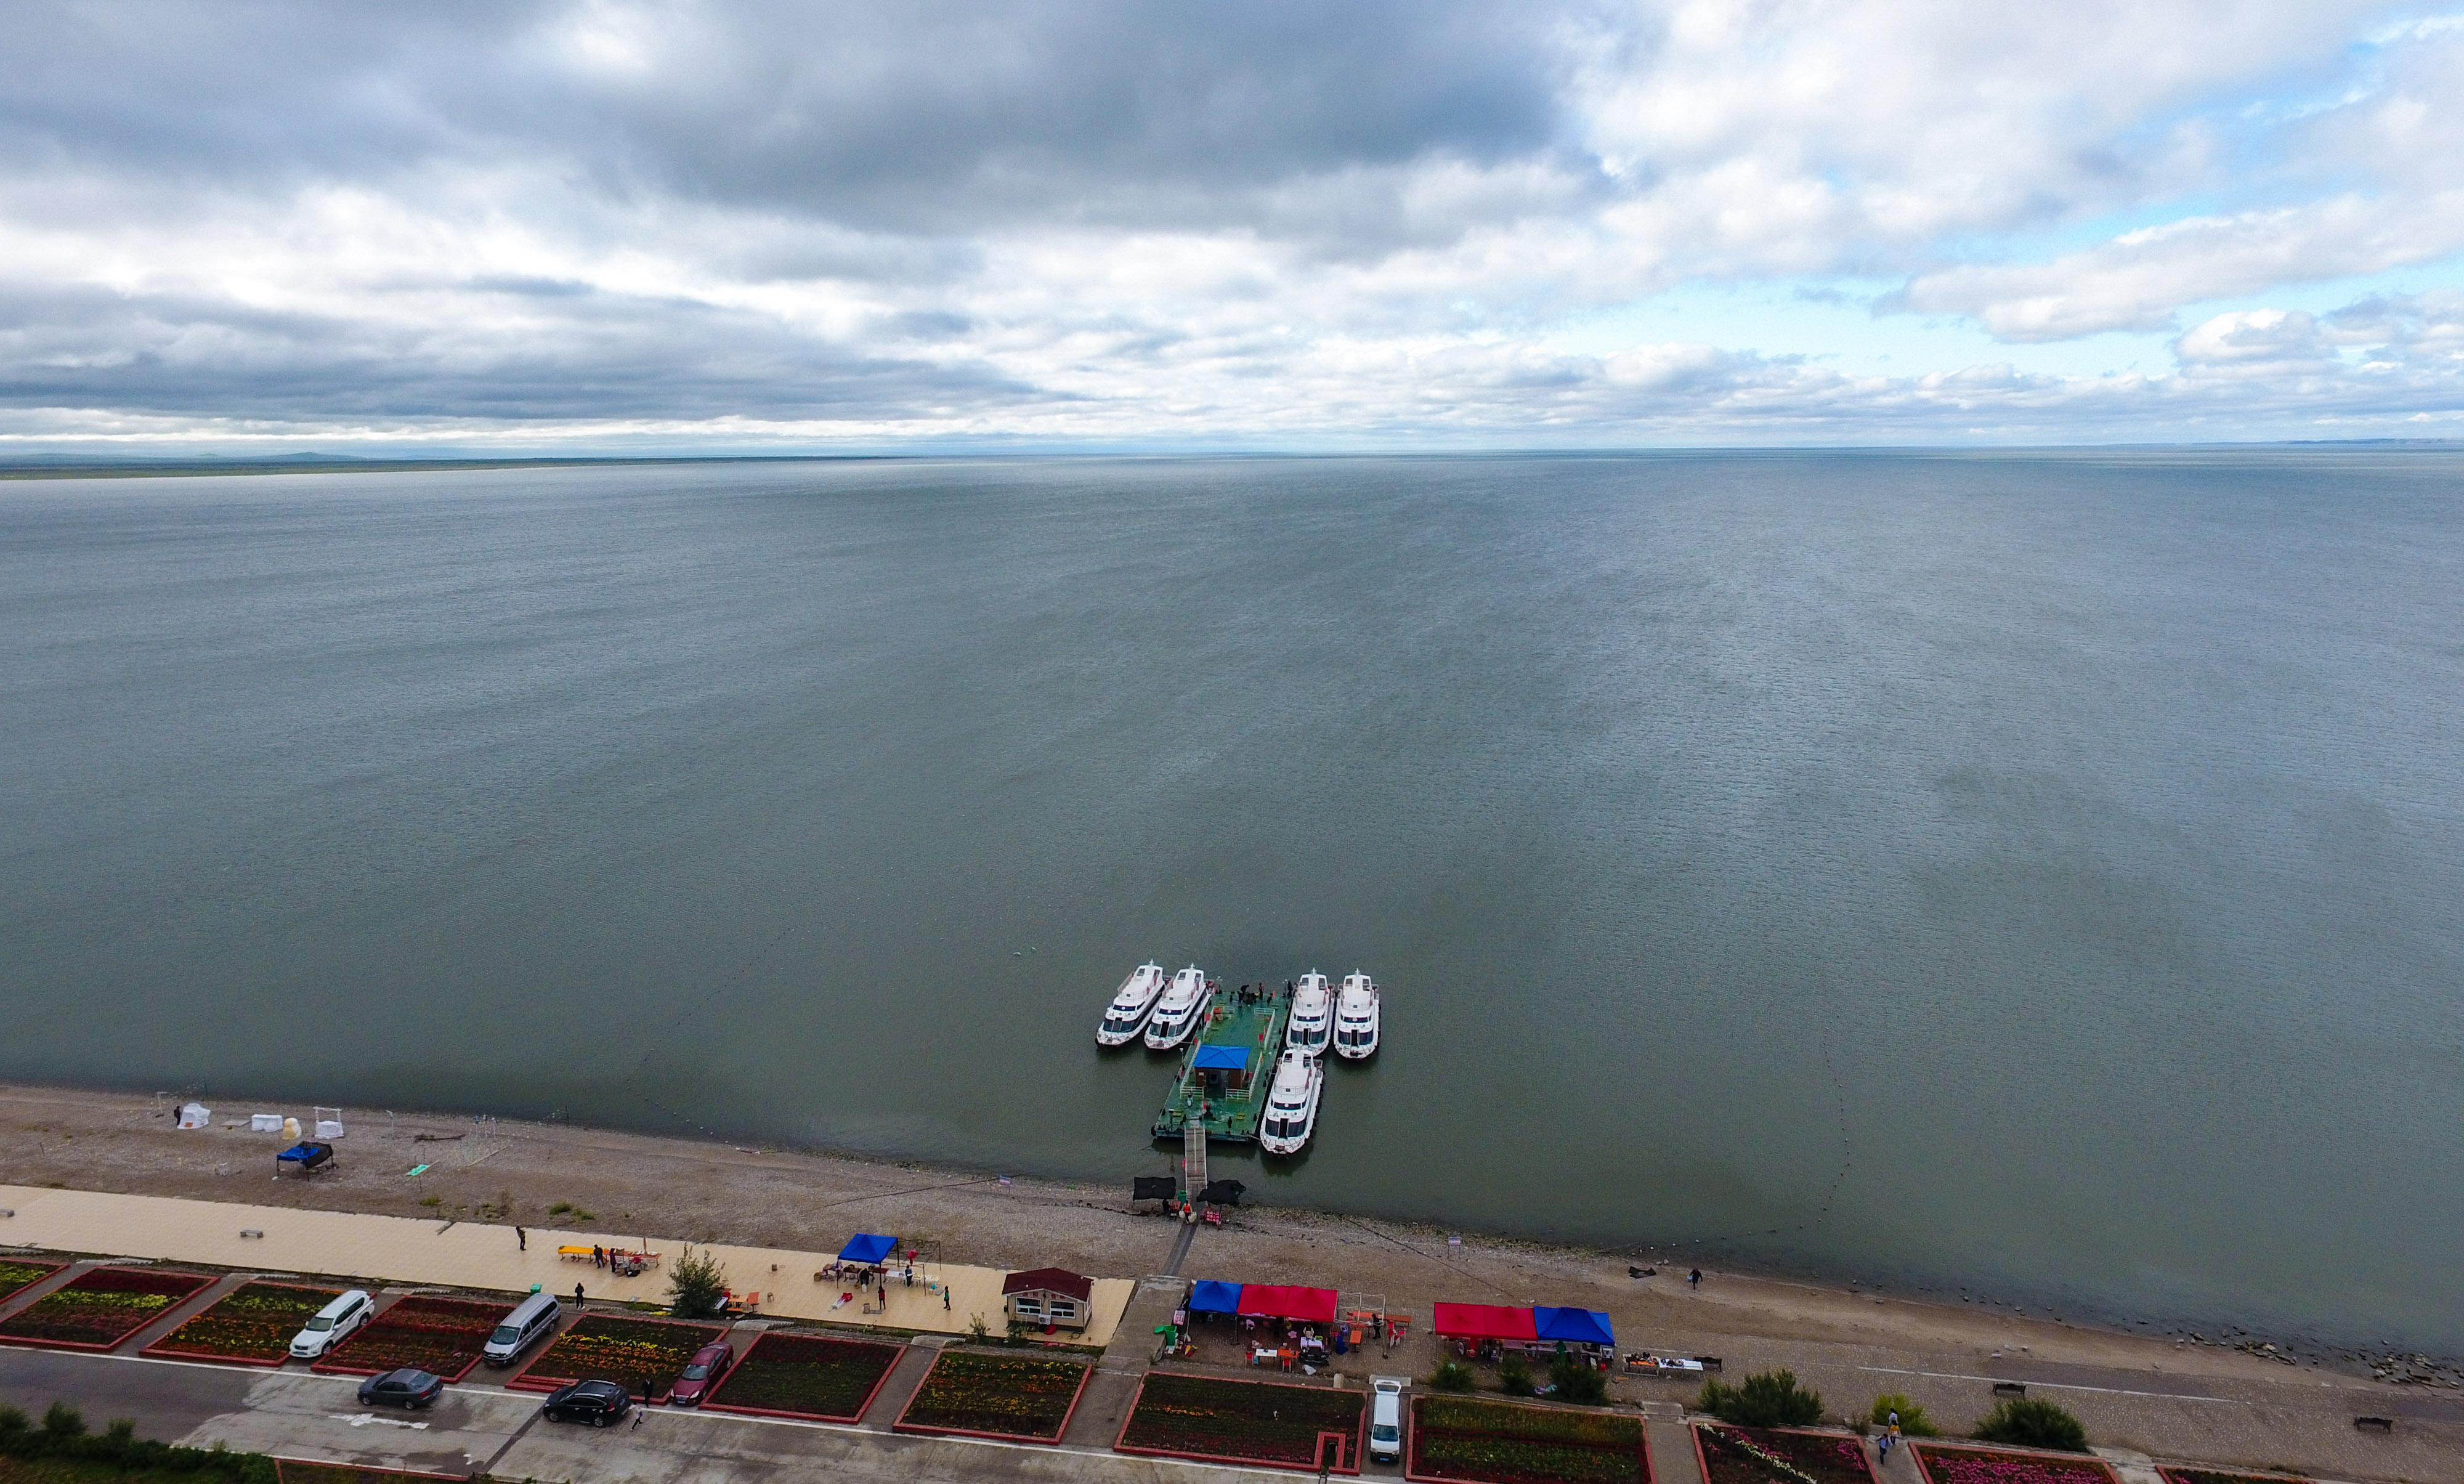 8月28日無人機拍攝的位于內蒙古呼倫貝爾市的呼倫湖。     呼倫湖是內蒙古重要的淡水湖,在調節氣候、修復生態、涵養水源方面發揮著重要作用。前些年,由于自然原因和人為因素,呼倫湖出現湖面縮減、水質變差等問題。     近年來,呼倫貝爾市著力抓好呼倫湖生態環境綜合治理,建立呼倫湖水資源配置及調度運行管理機制,累計向呼倫湖補水80多億立方米,一期綜合治理工程取得階段性成效,二期綜合治理工程項目全部開工,累計完成投資19.6億元,環湖餐飲、旅游經營全部關停。     內蒙古生態環境廳的數據顯示,目前呼倫湖水域面積增至2028平方公里,主要水質指標總體保持穩定向好趨勢,重現碧水與草原交相輝映的和諧景象。祖國北疆的藍寶石熠熠生輝,光彩奪目。     新華社記者 彭源 攝